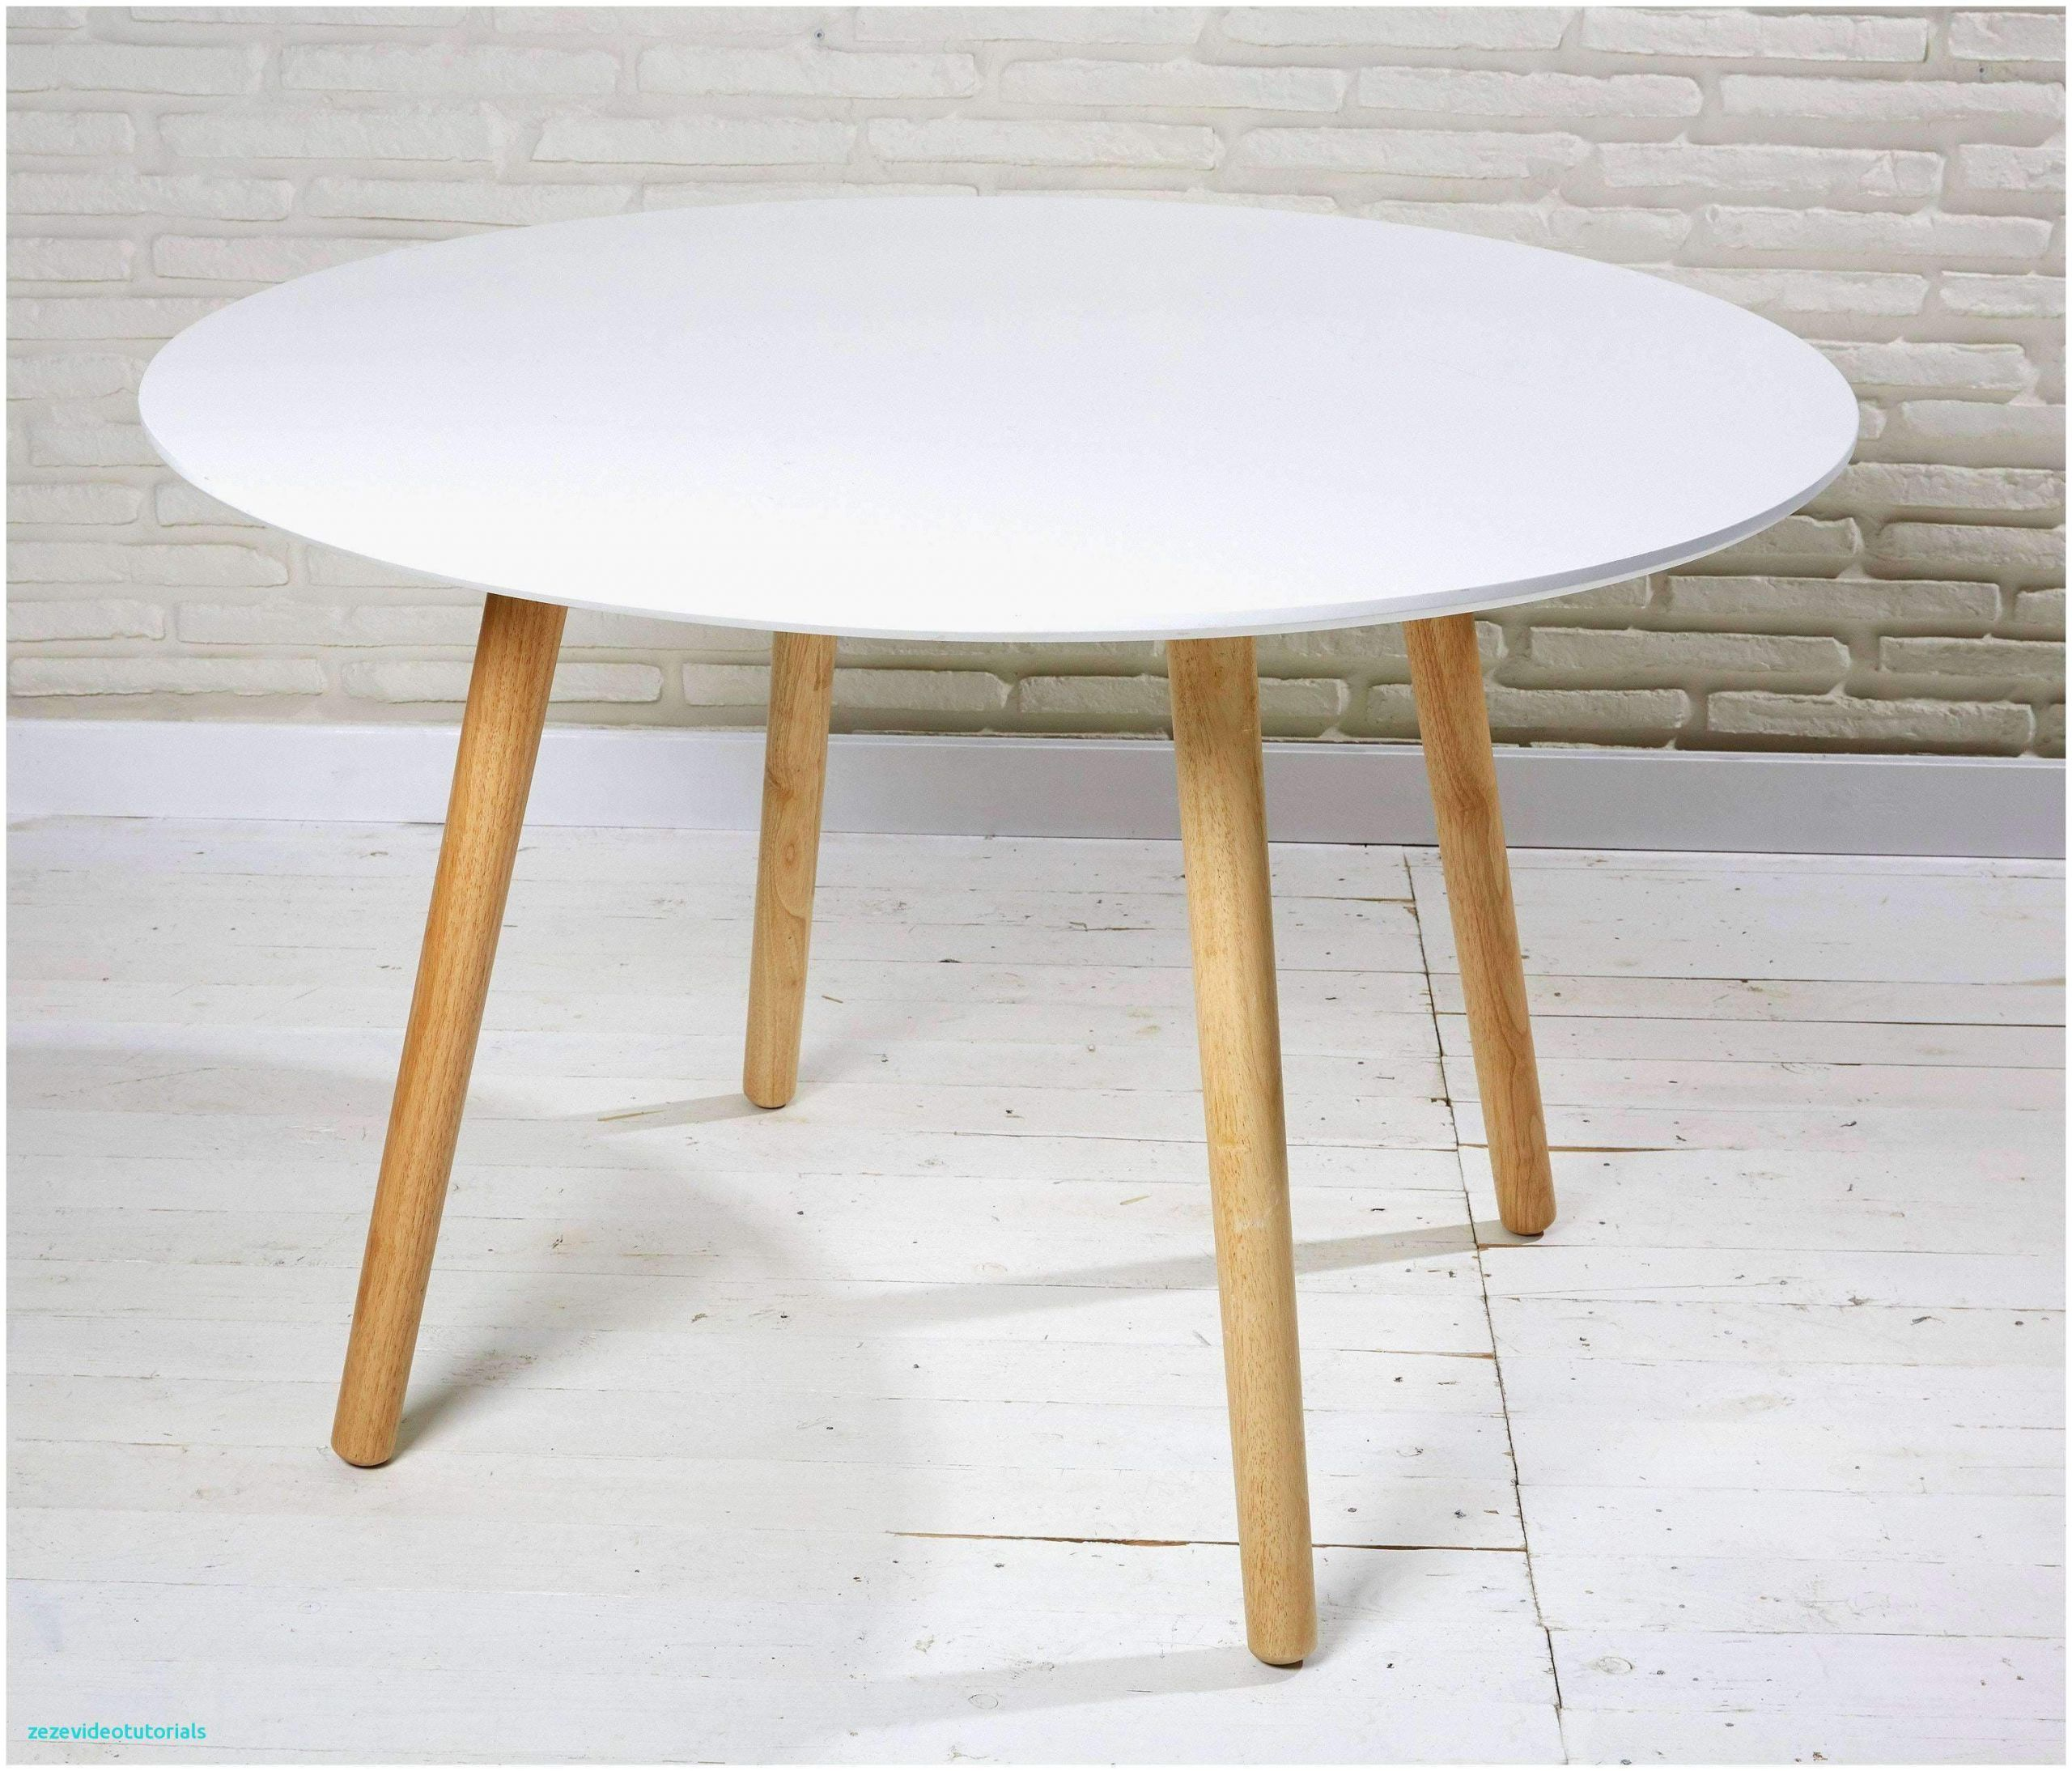 gartenstuhle kaufen gartenstuhle tisch stuhle garten inspirierend beste balkonmobel of gartenstuhle kaufen 5